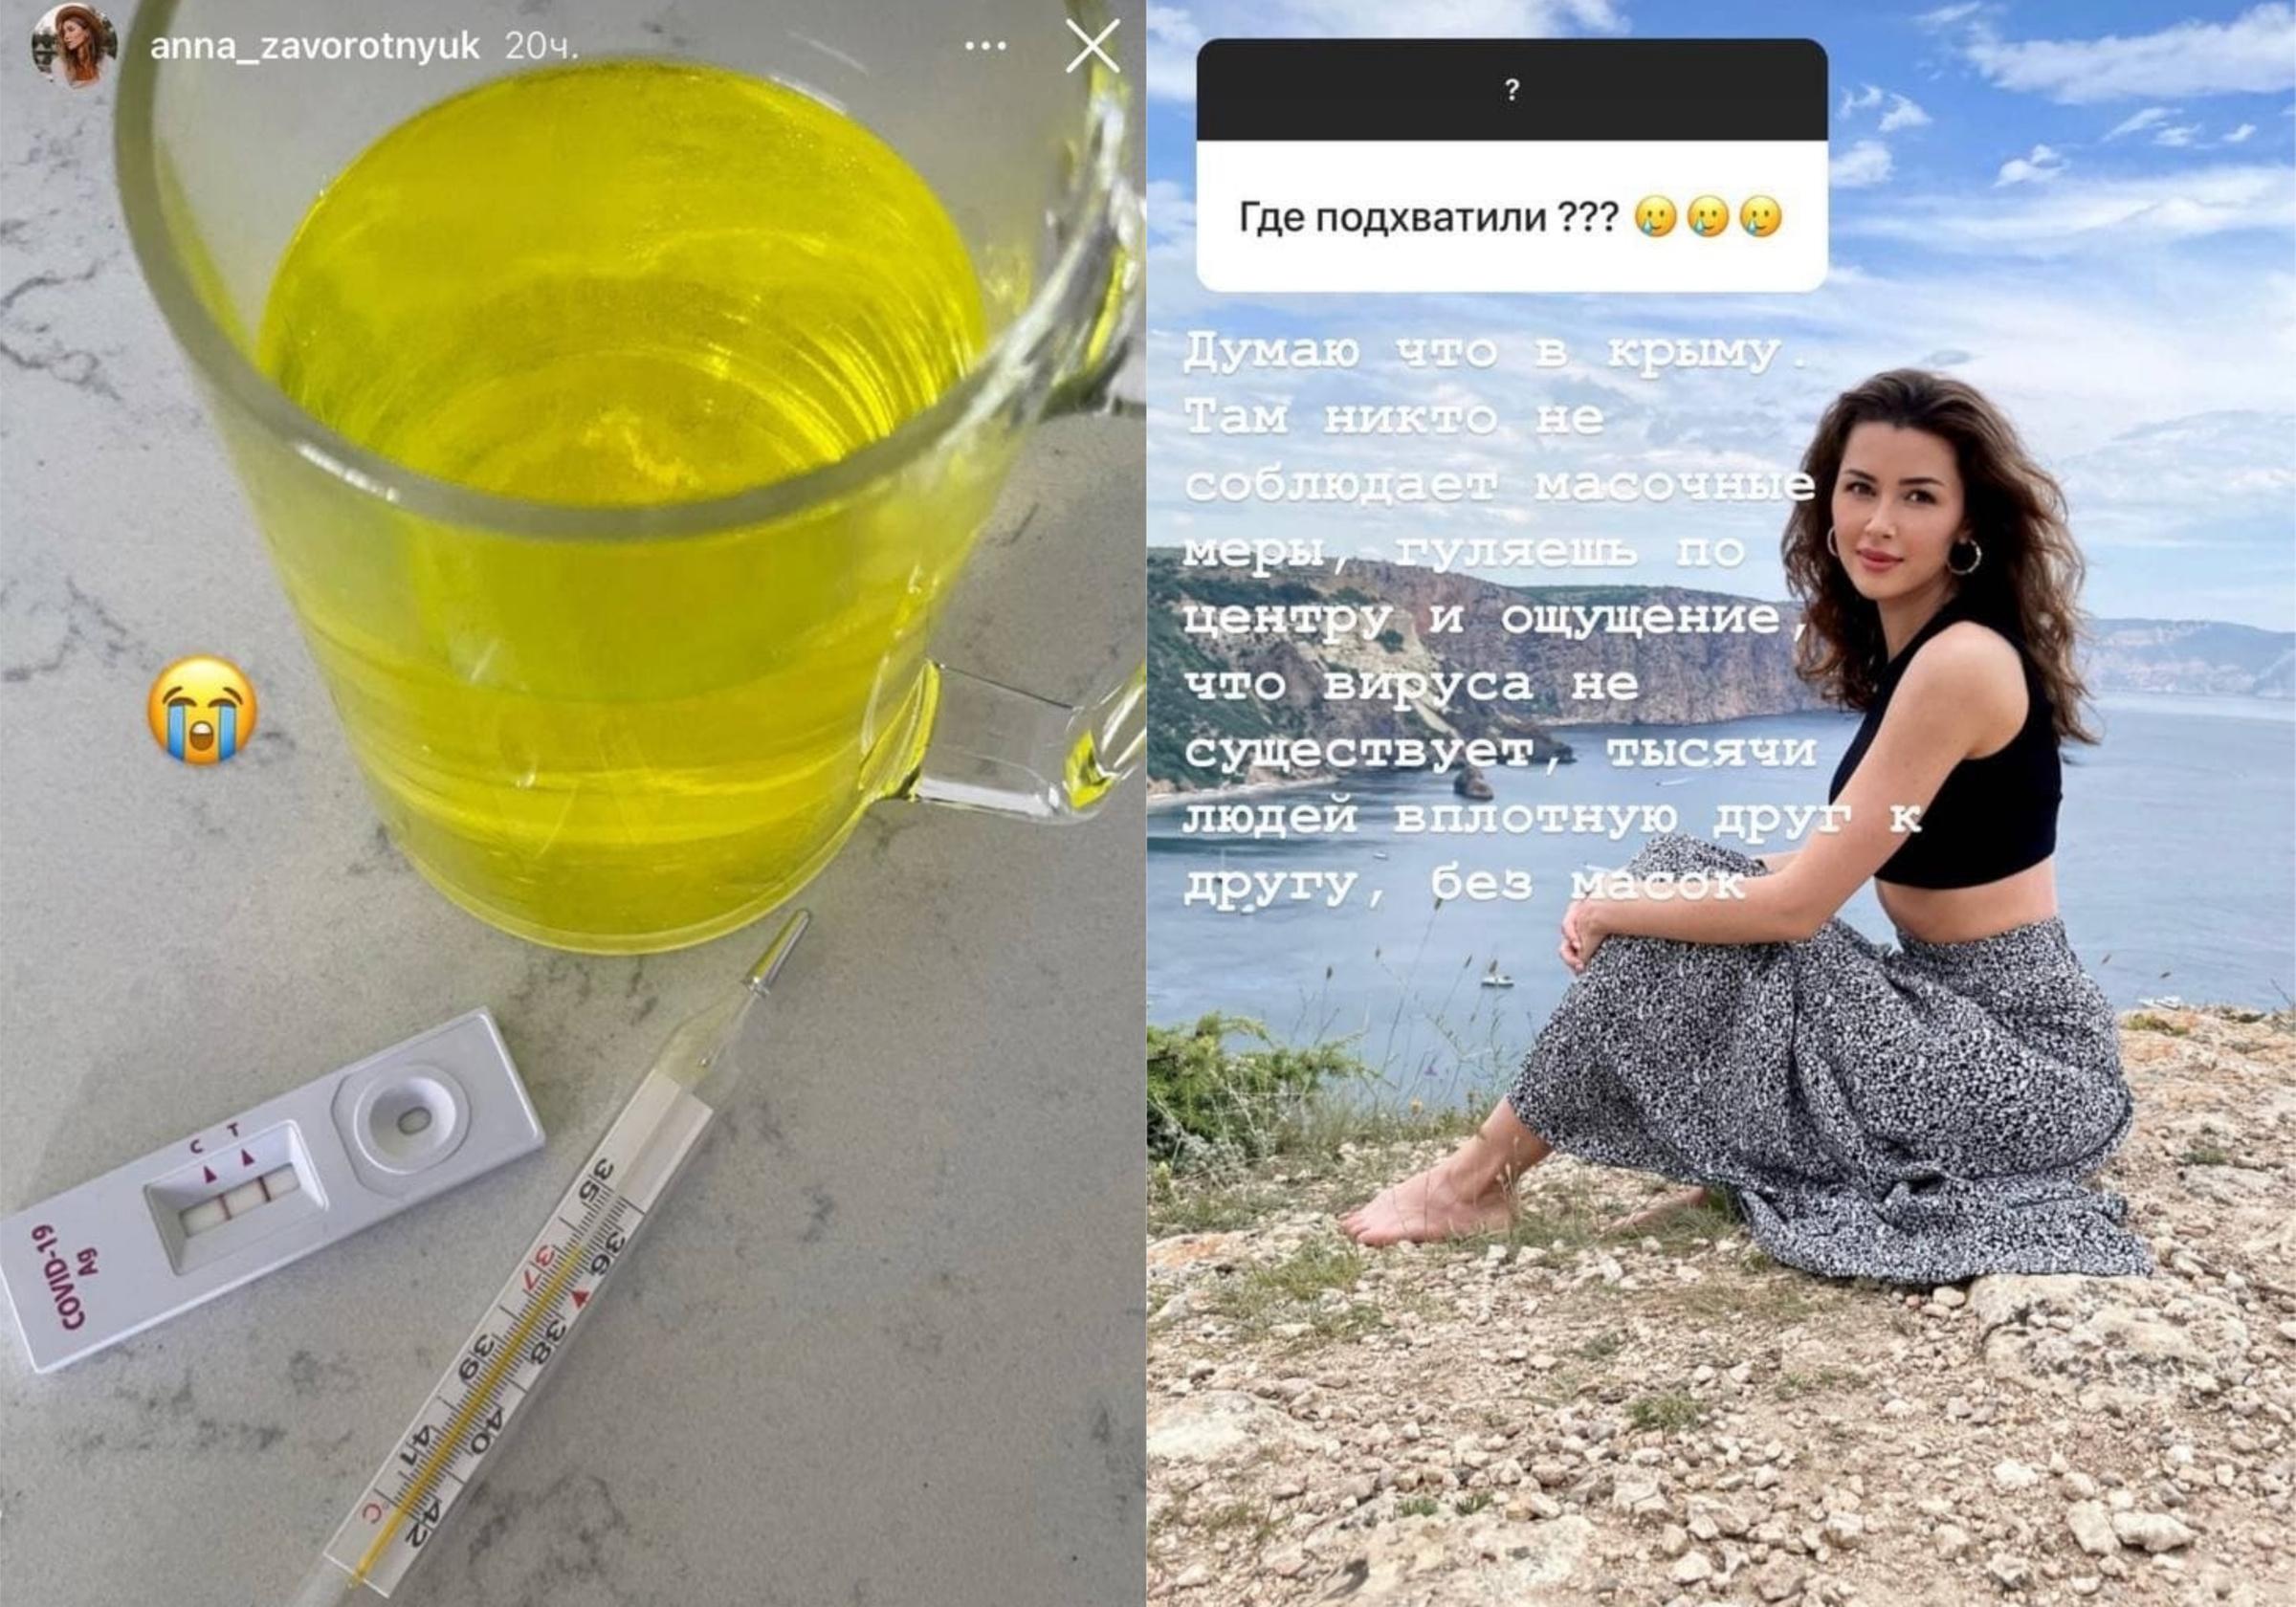 Фото © Instagram / anna_zavorotnyuk